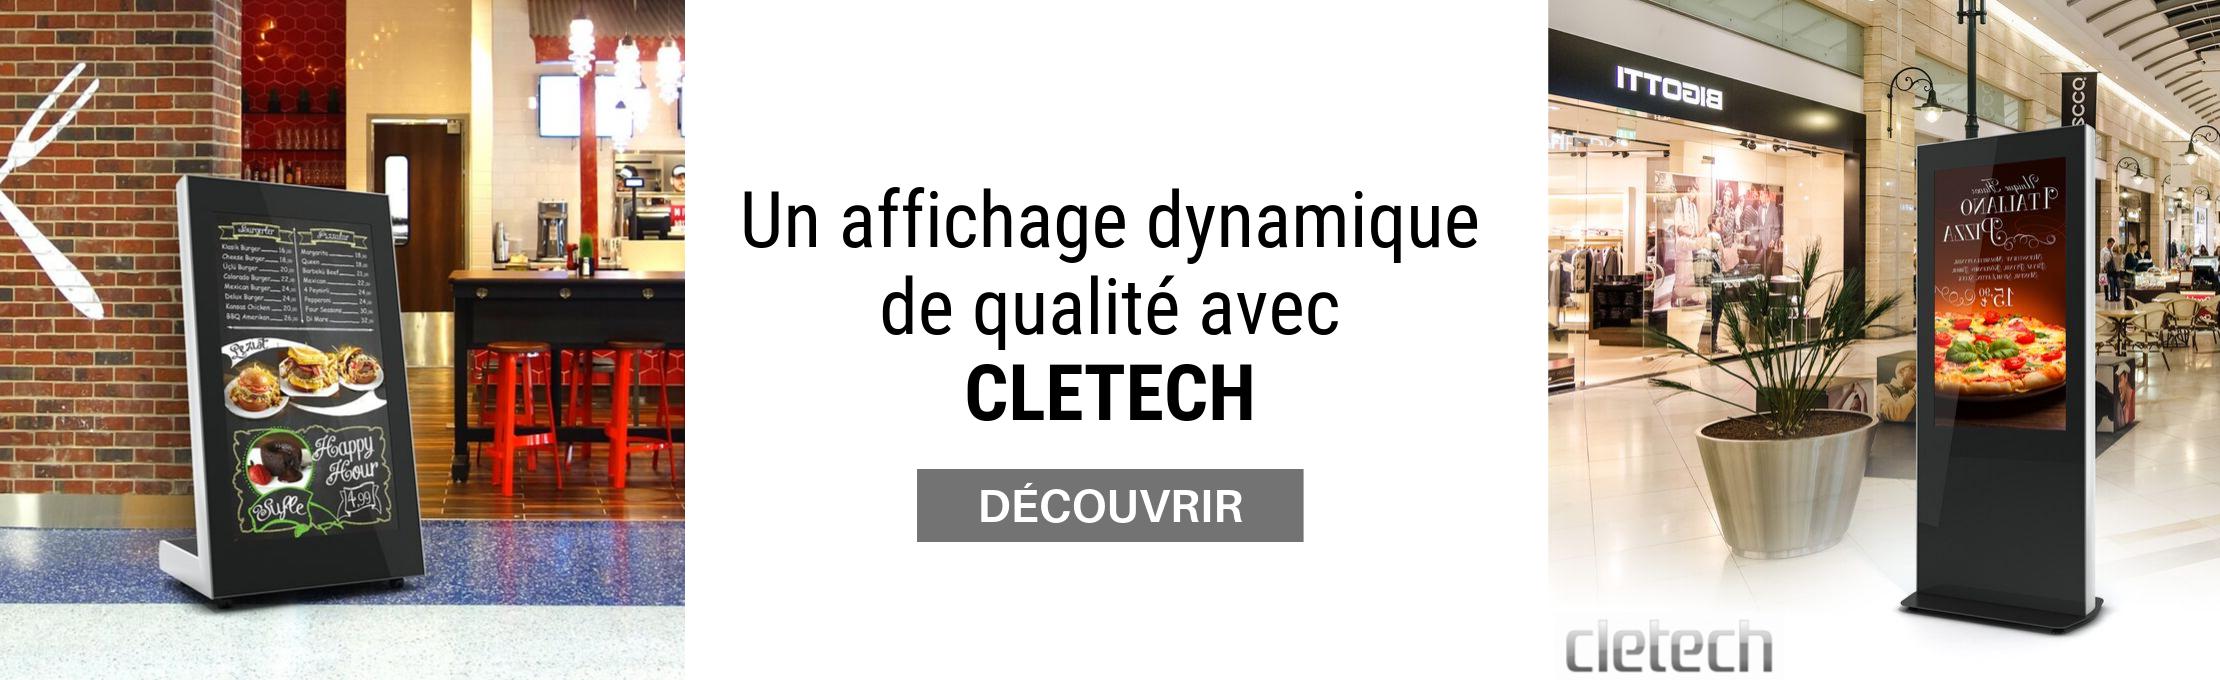 Decouvrir la gamme Cletech